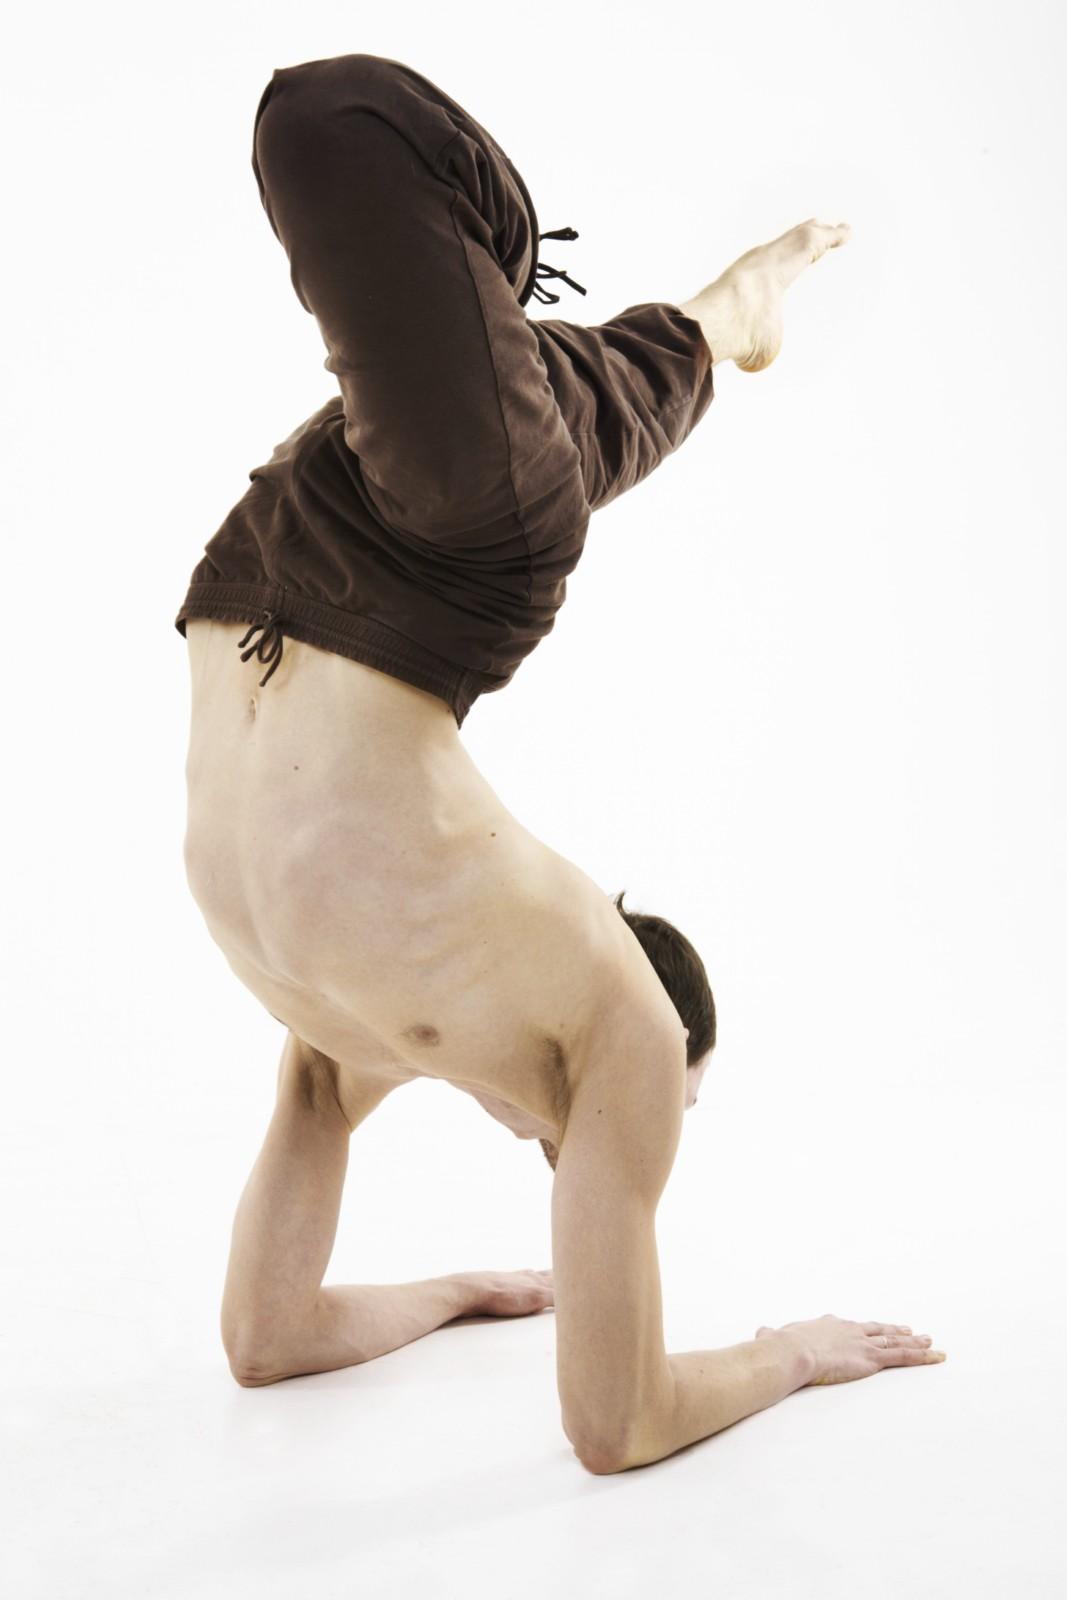 yogaga_19-1600x1200